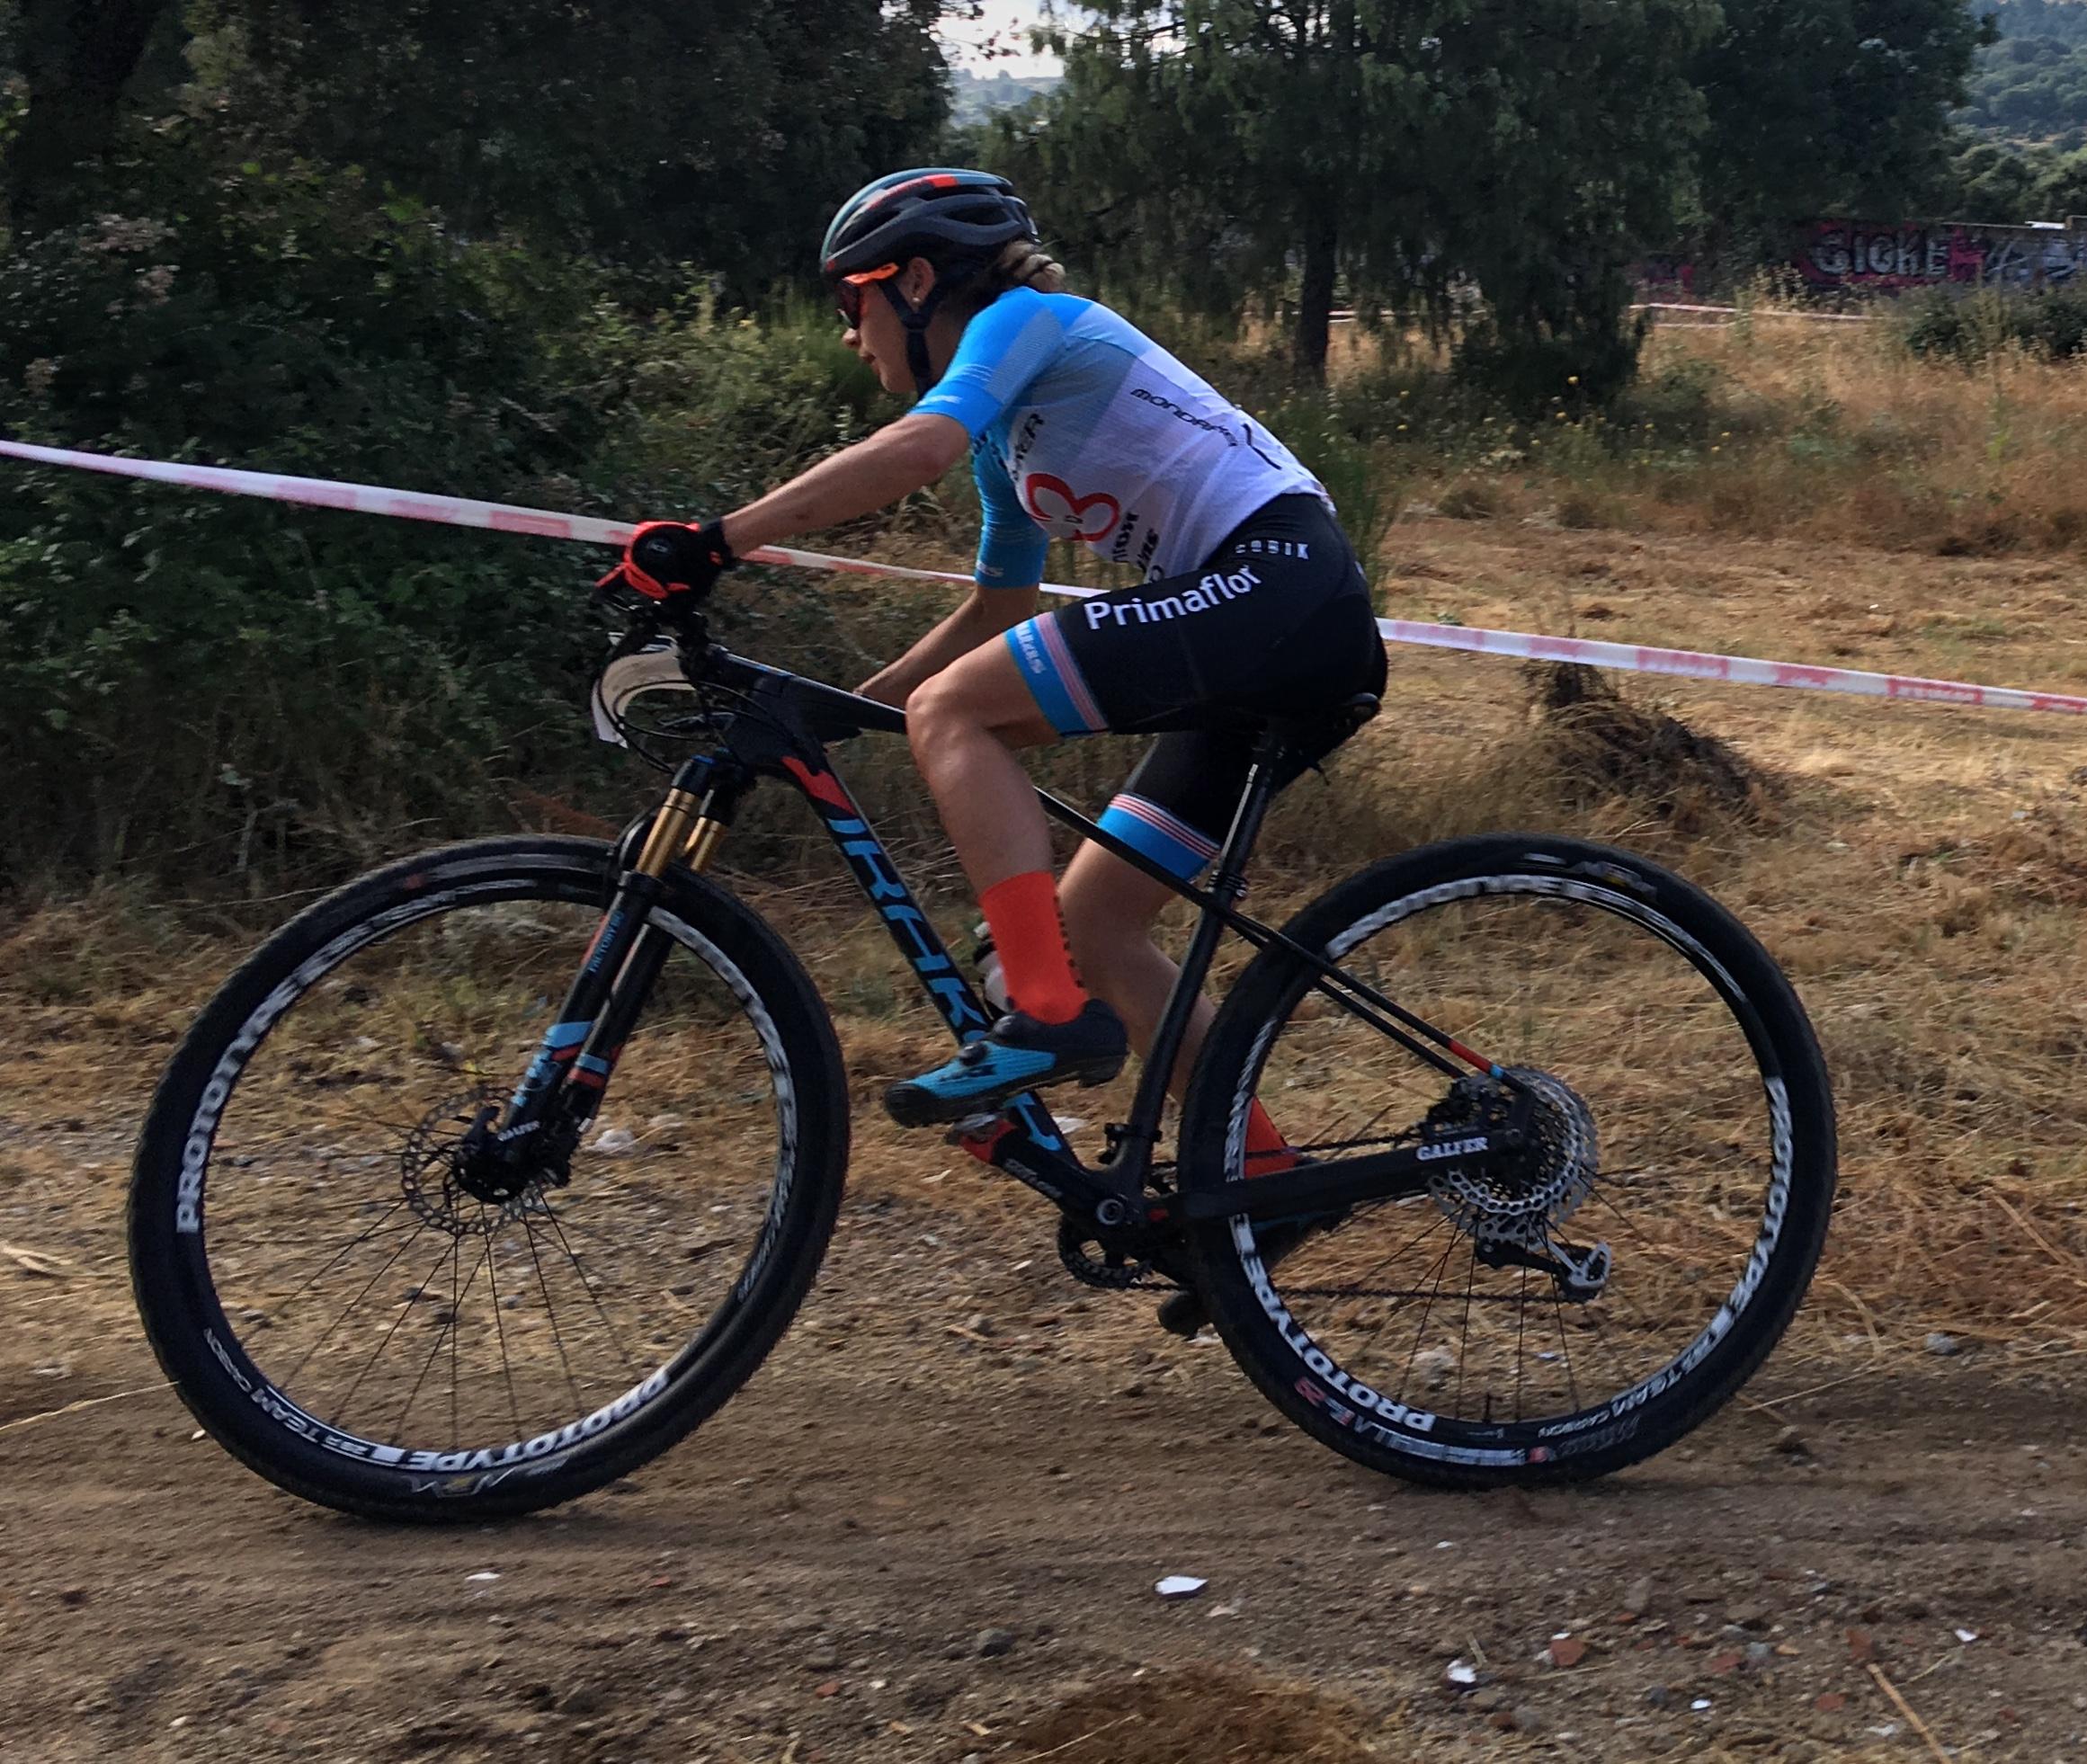 Circuito Xco Moralzarzal : Campeonatos españa btt: valero repite pese a mantecón ciclo21